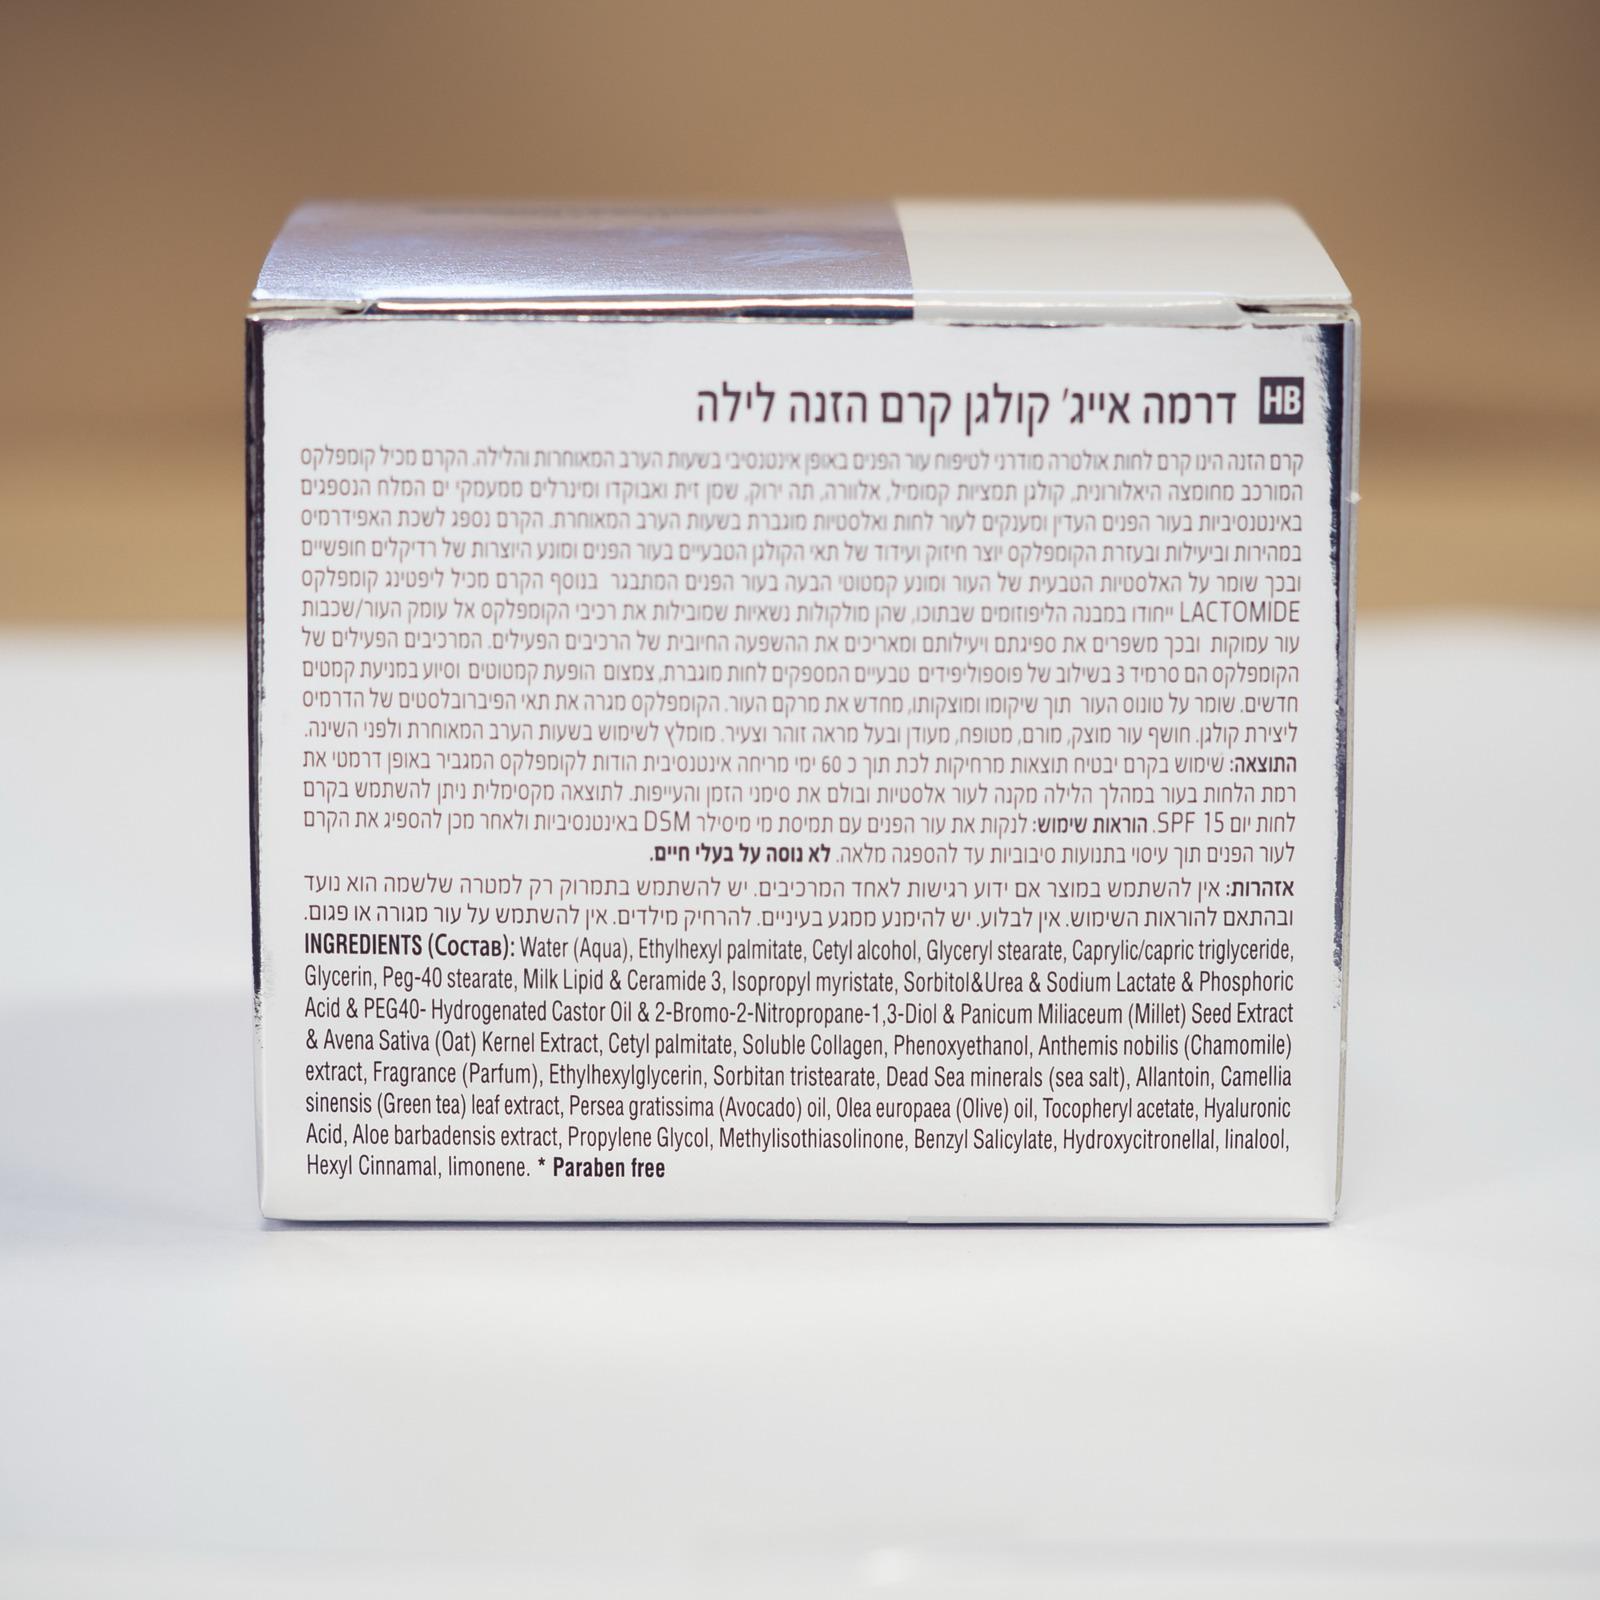 Mon Platinночной питательный крем для лица Dead Sea Minerals, 50 мл Mon Platin